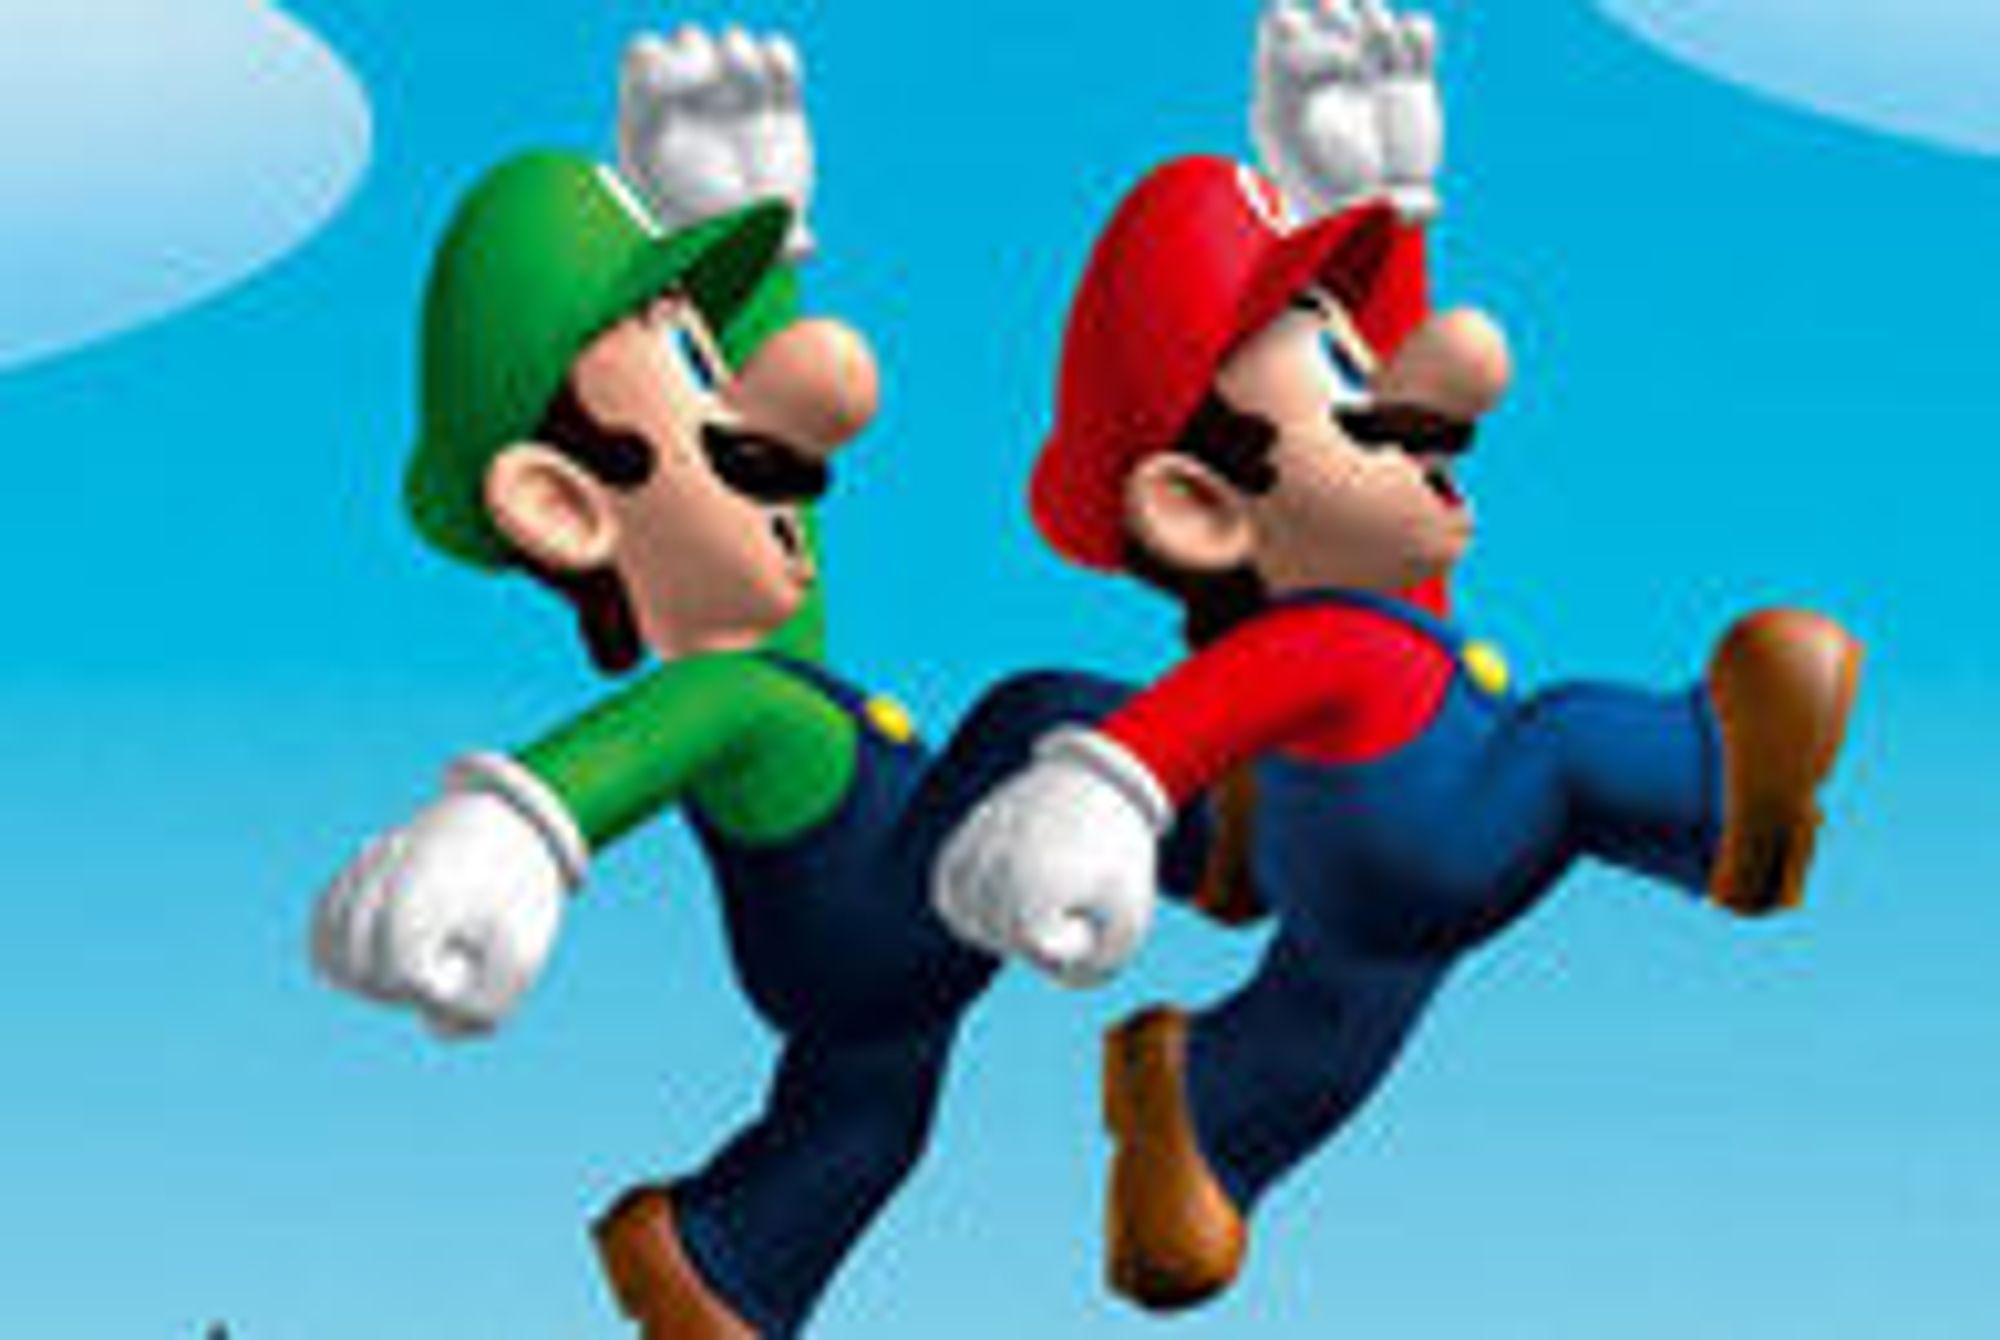 Nintendo-blad legges ned